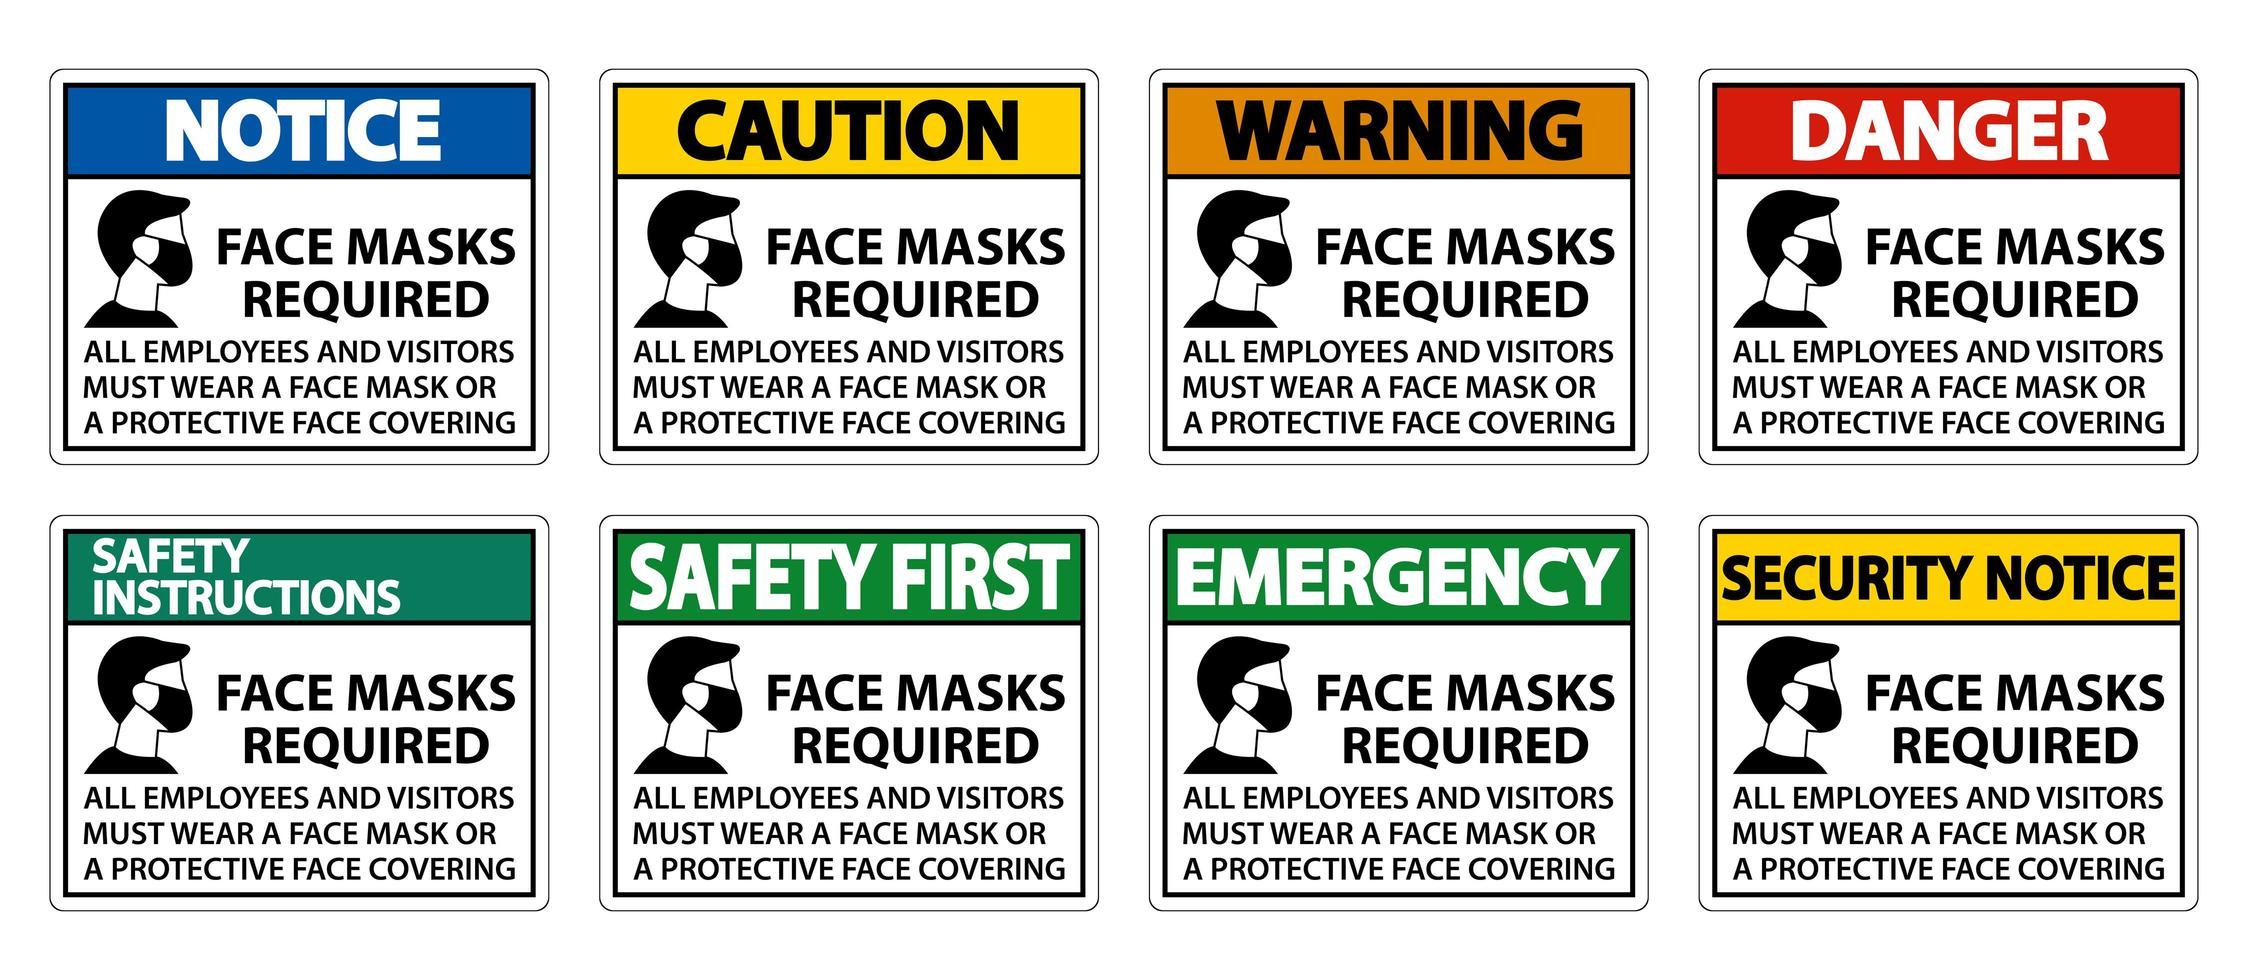 Gesichtsmasken erforderlich Zeichen vektor